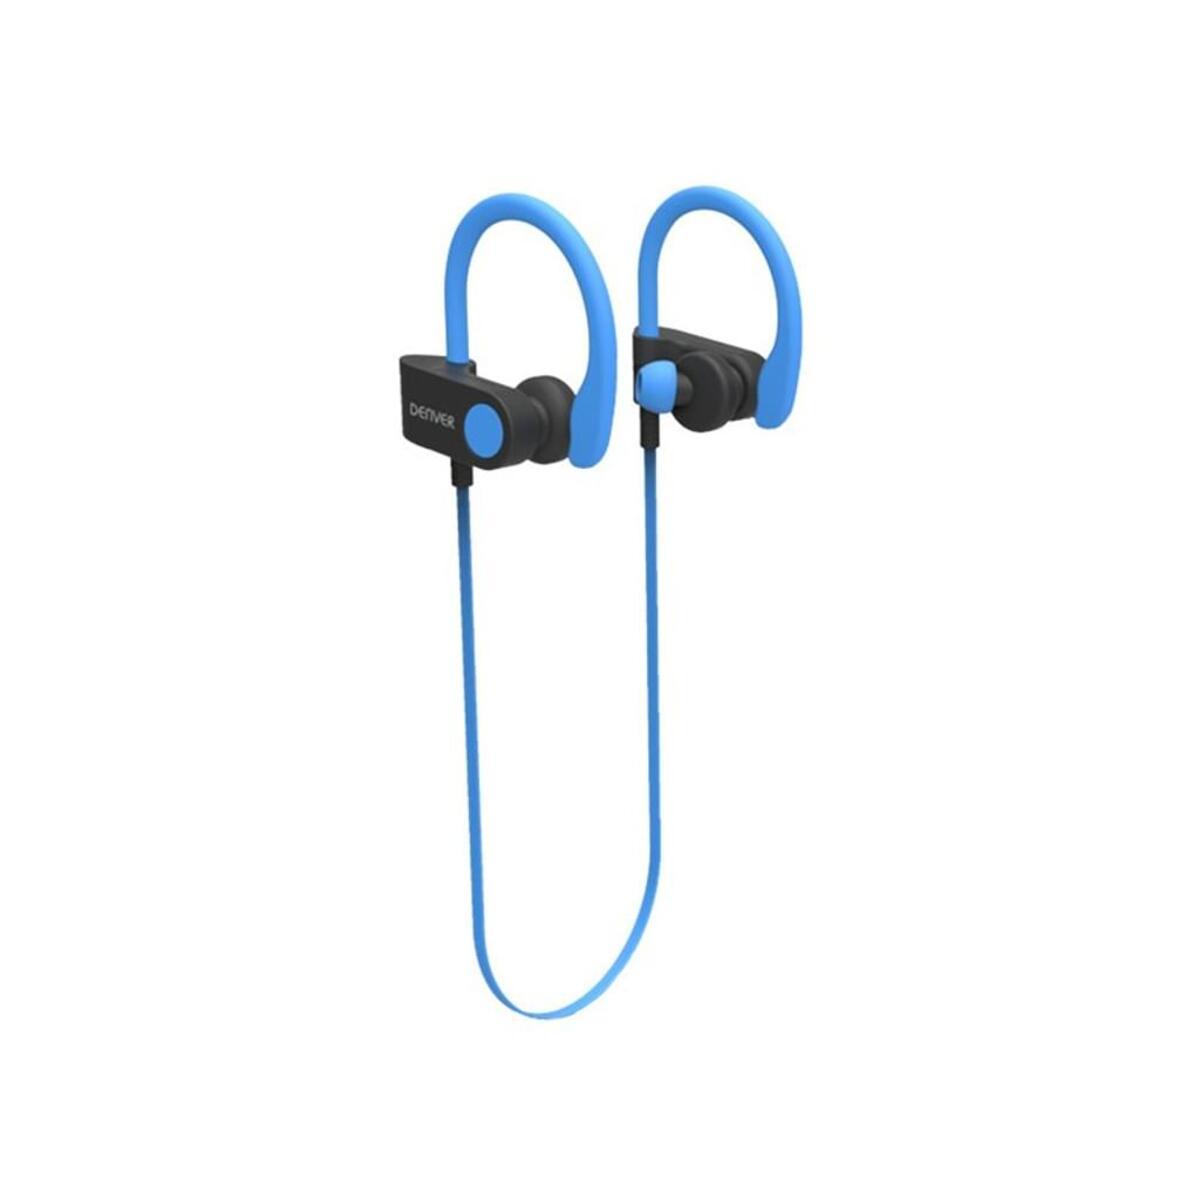 Bild 2 von Denver Bte-110Grey - Bluetooth® In-Ear-Kopfhörer